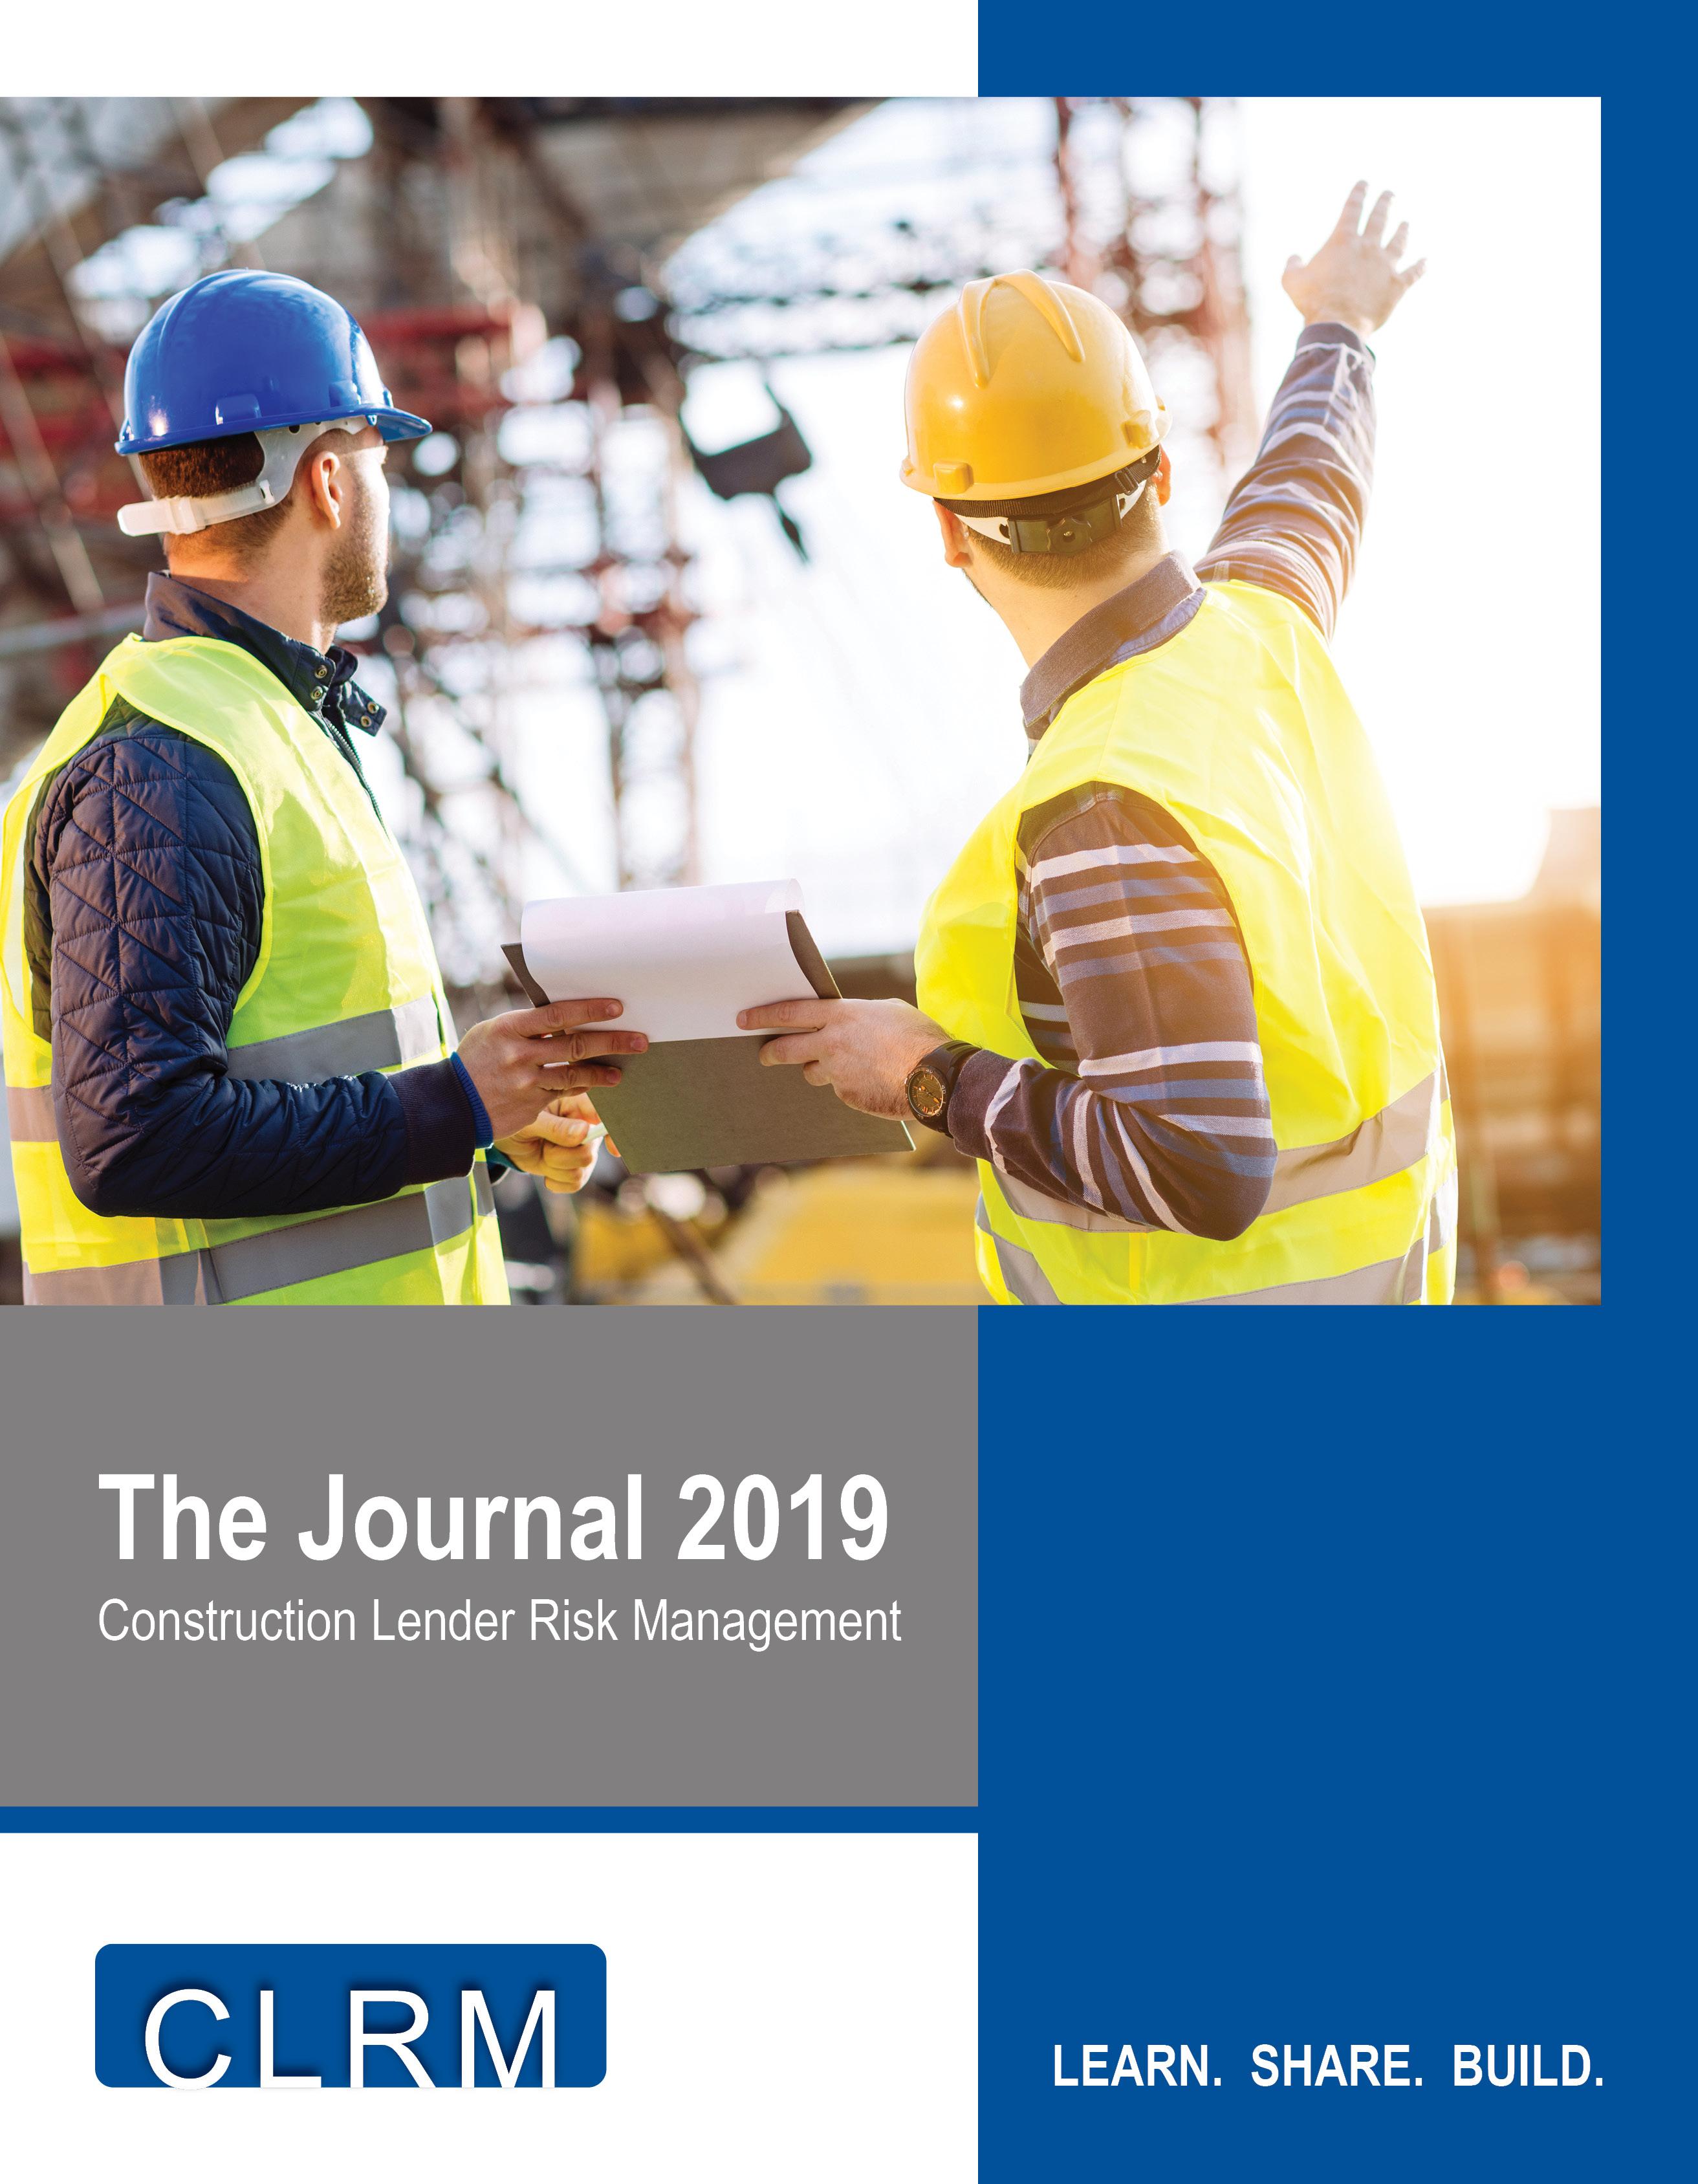 CLRM Journal 2019